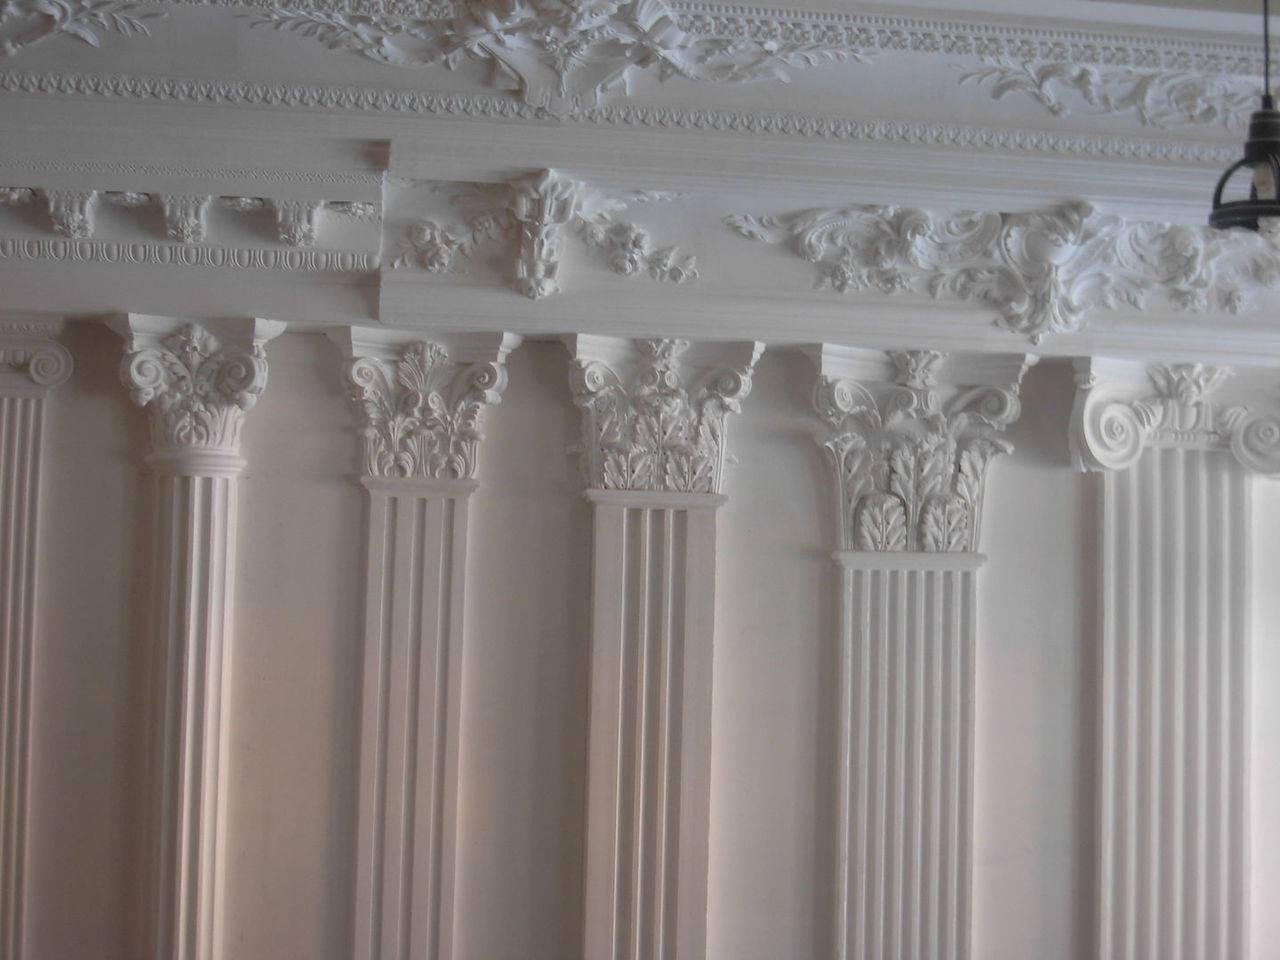 Лепнина на потолке из различных материалов (фото)